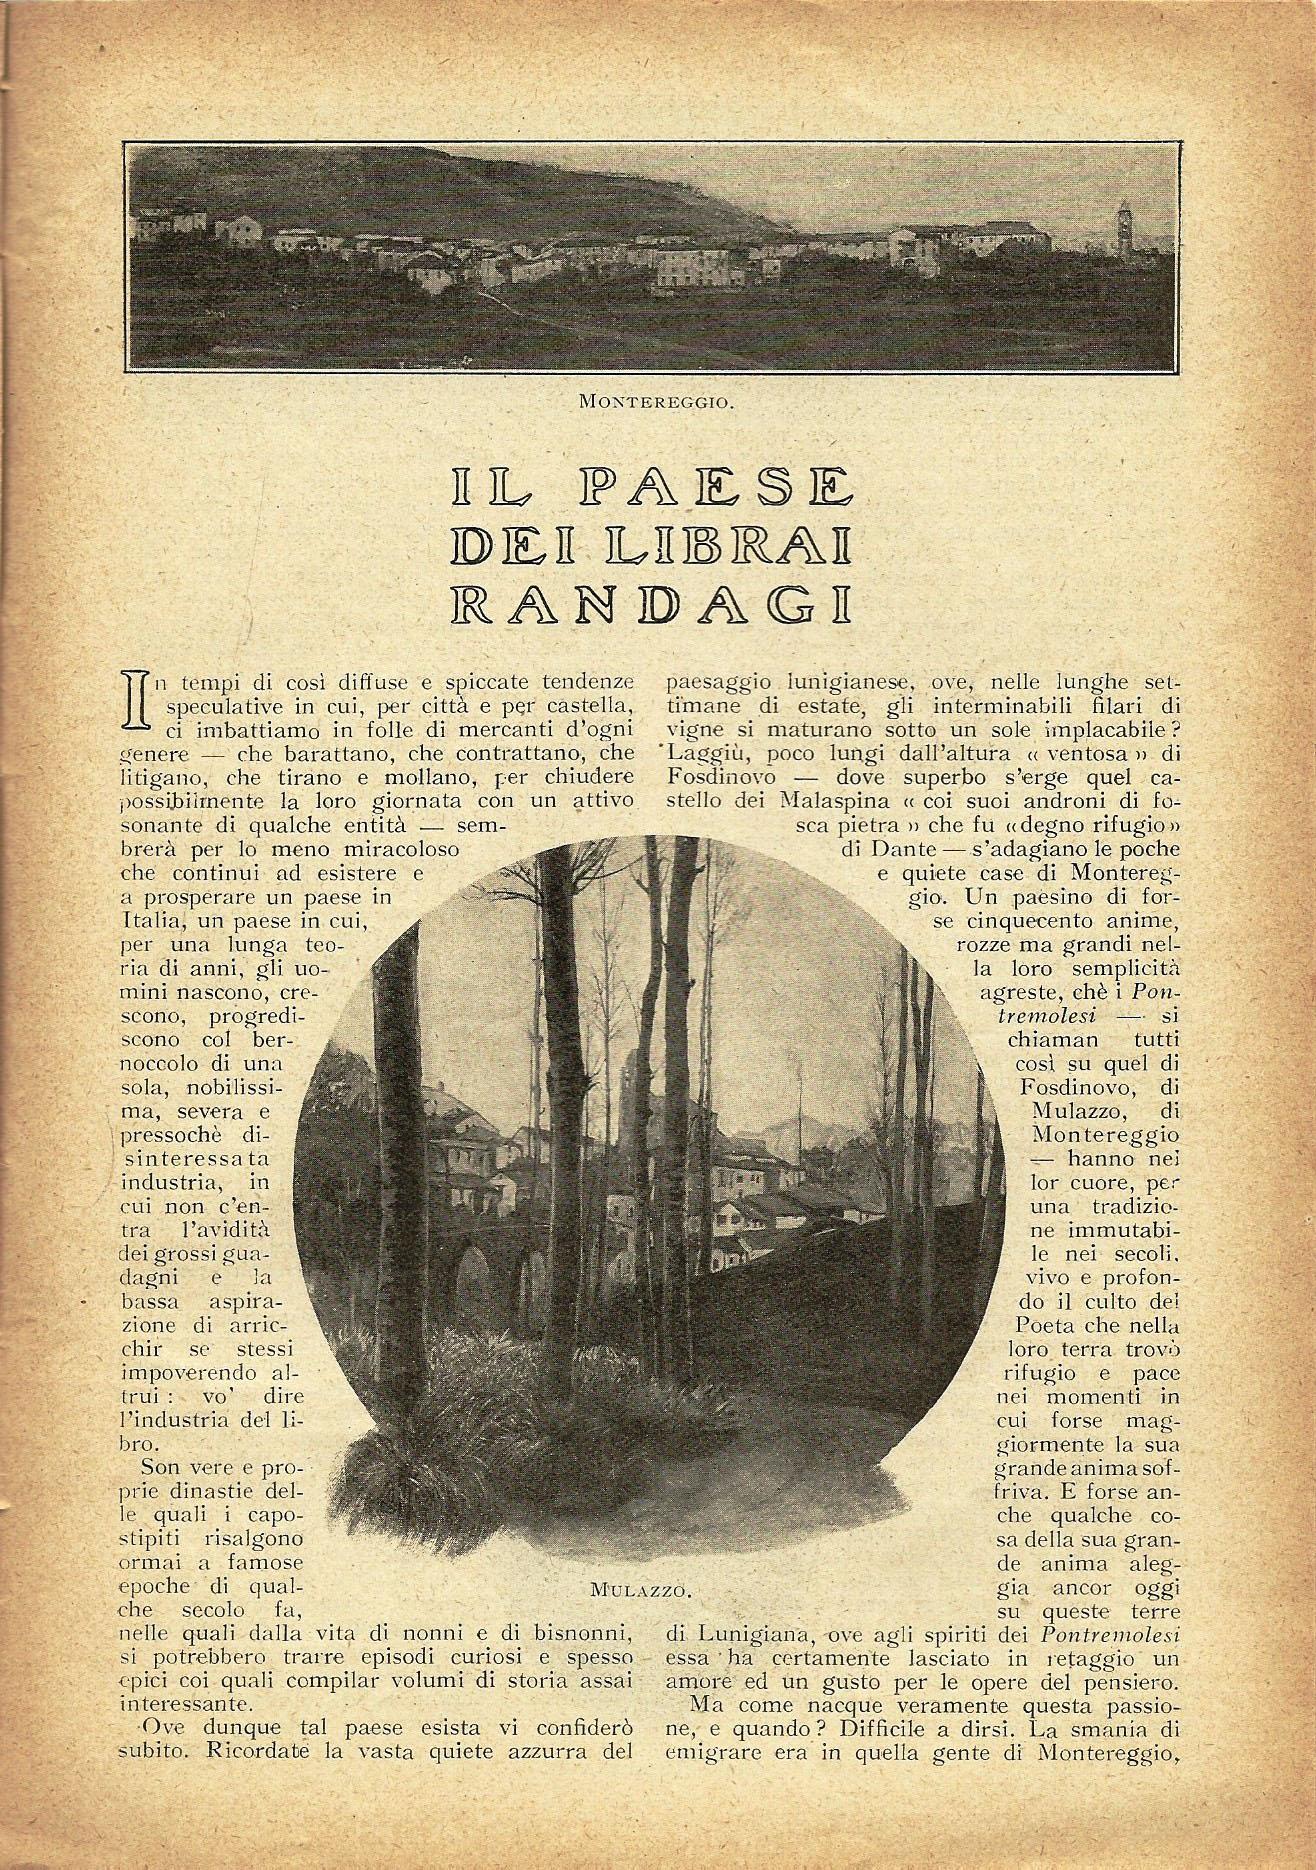 Da La Lettura del 1926, Il Paese dei Librai randagi p. 2 di 3